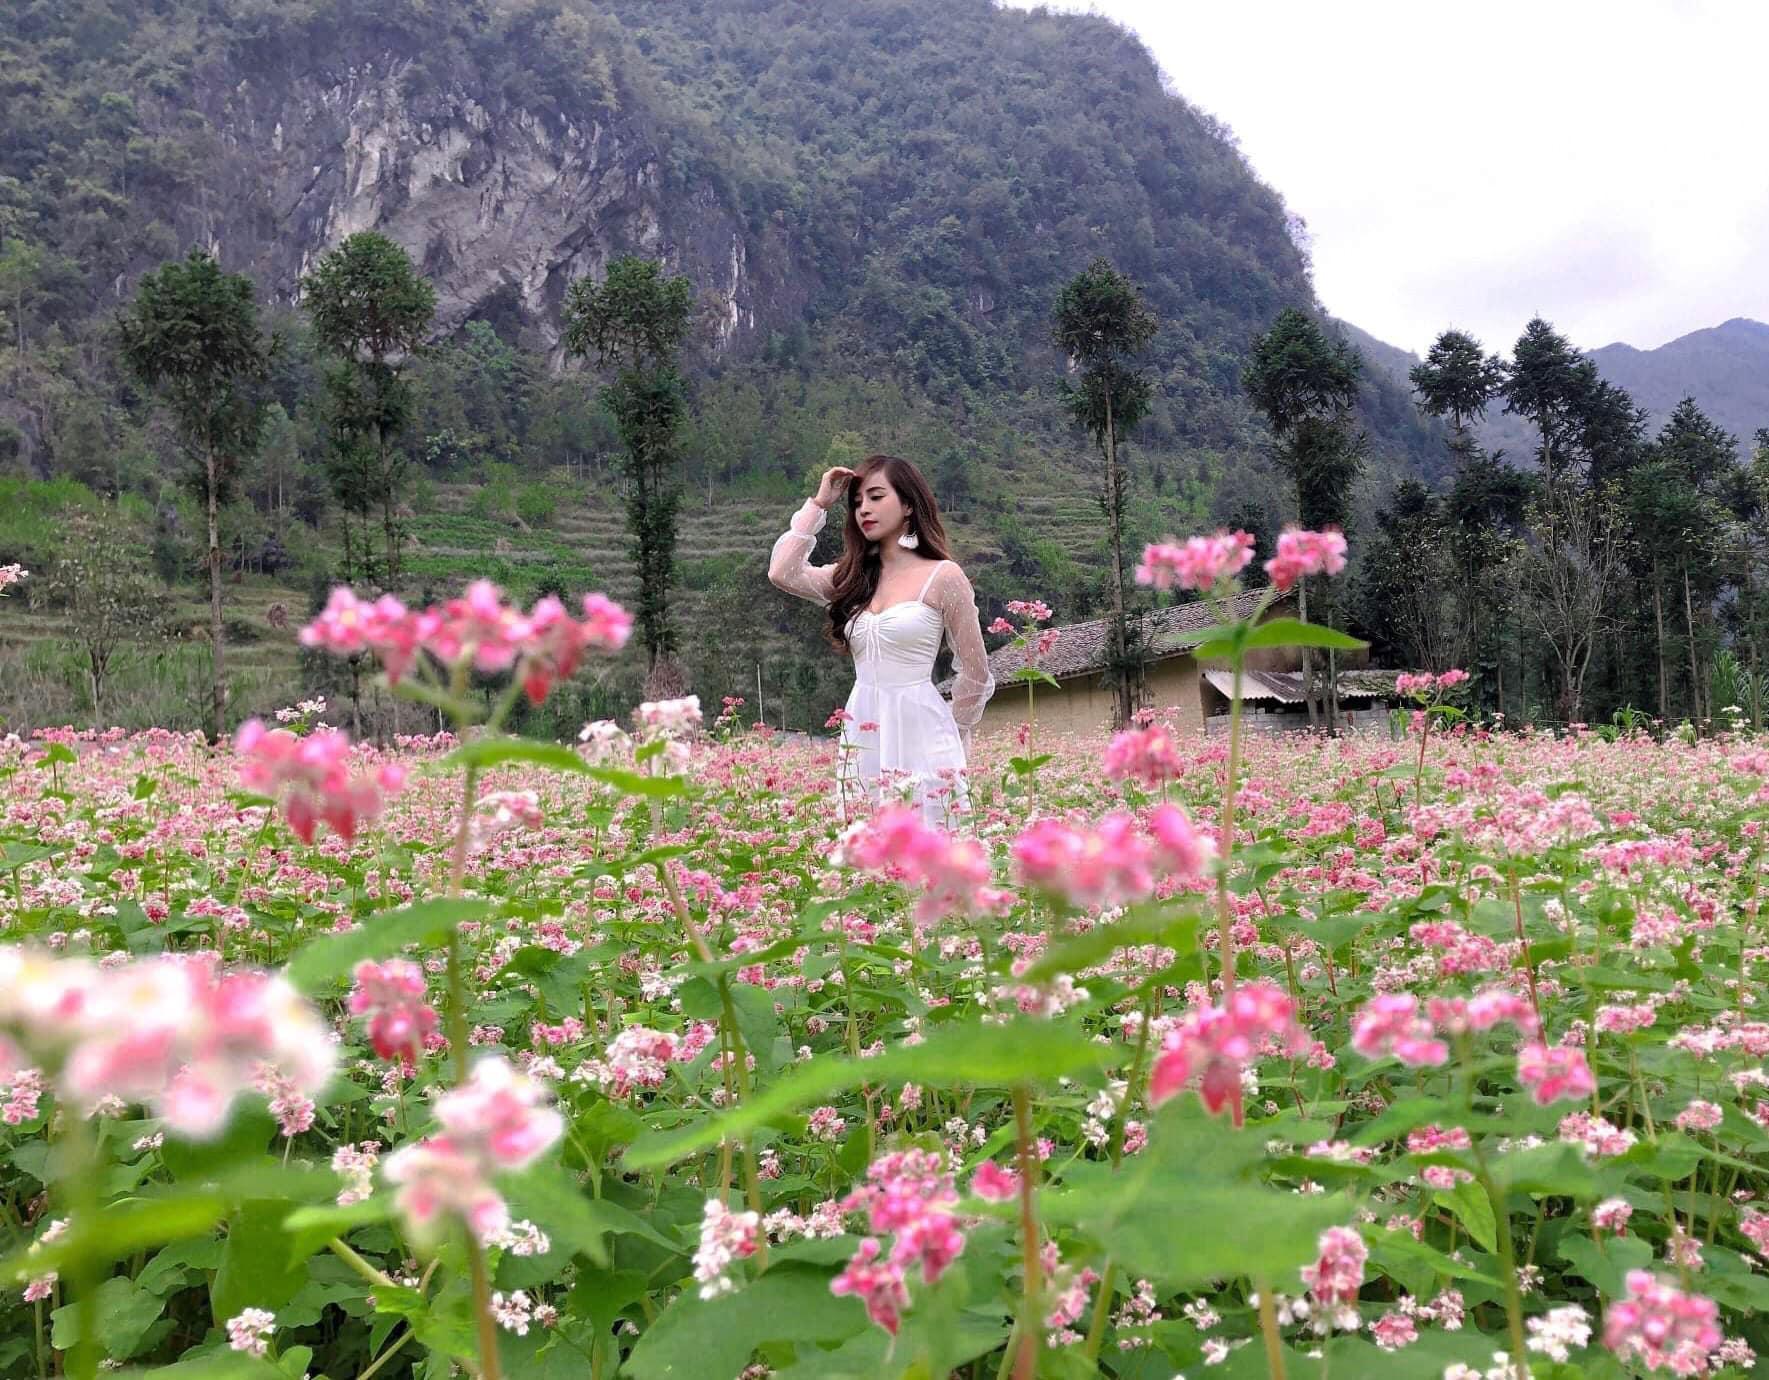 Tour du lịch Hà Giang mùa hoa tam giác mạch: Nhiều điểm đến hấp dẫn với chi  phí chỉ từ 2,1 triệu